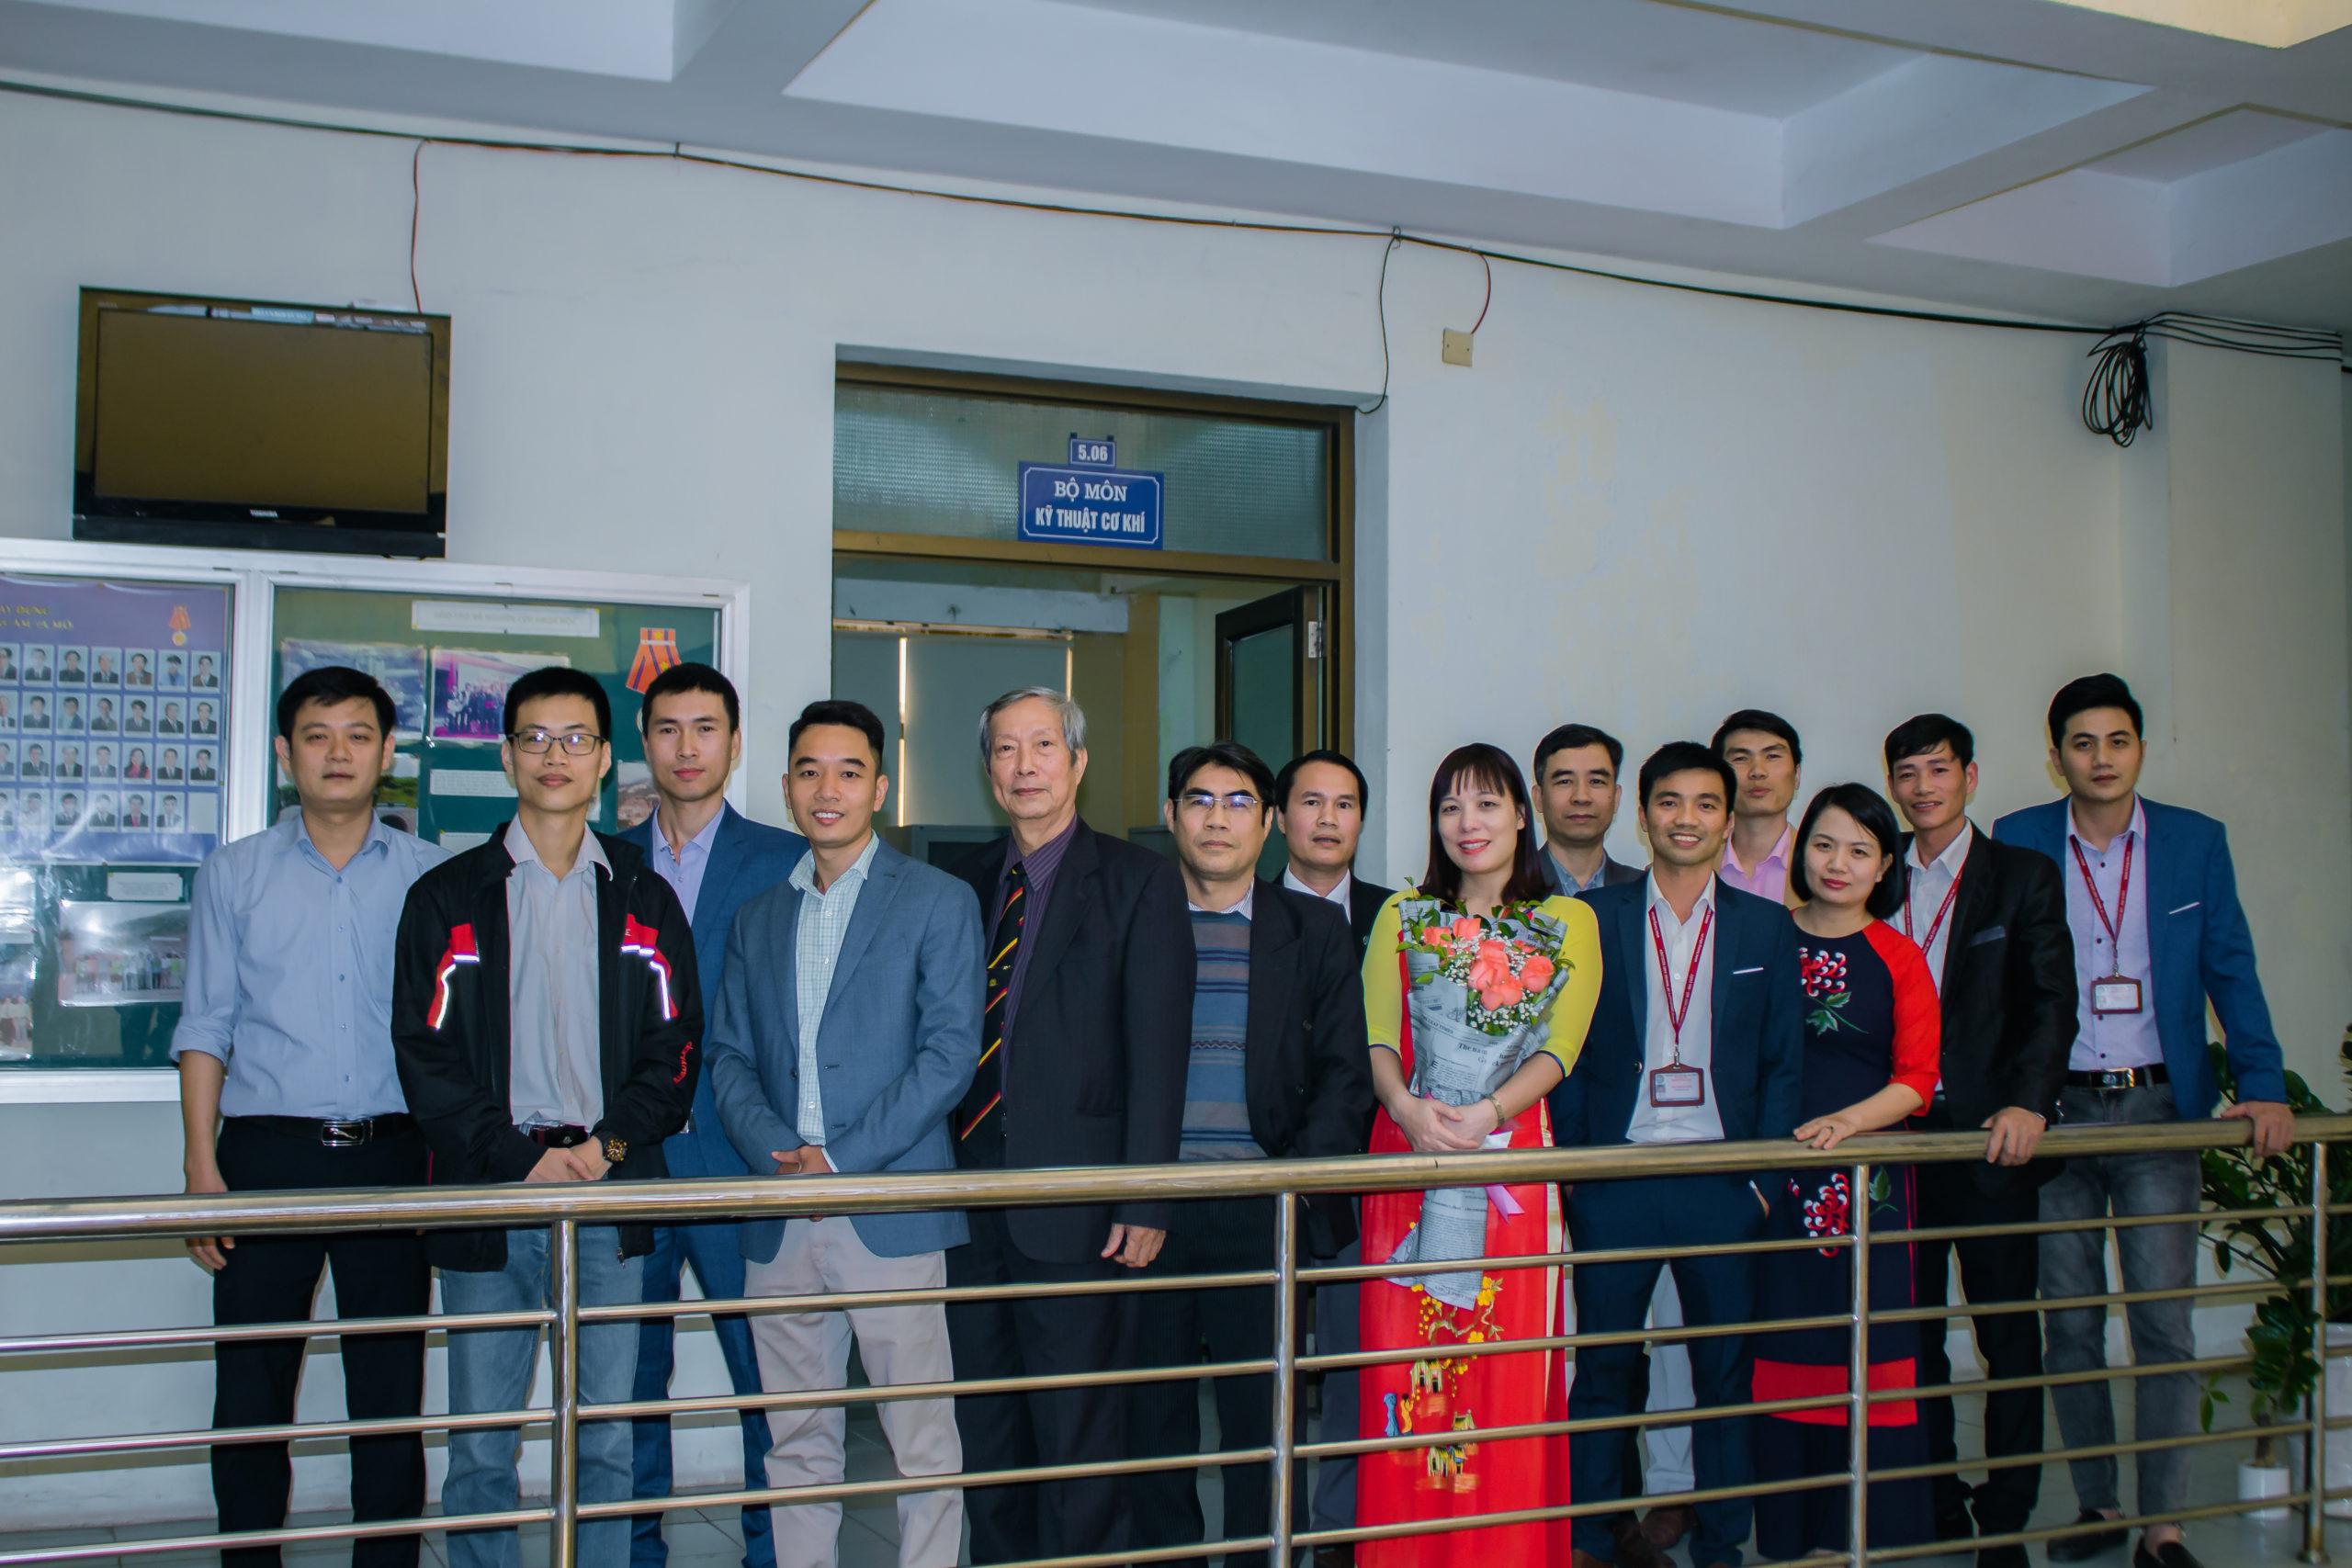 Tập thể Cán bộ giảng dạy Bộ môn Kỹ thuật cơ khí